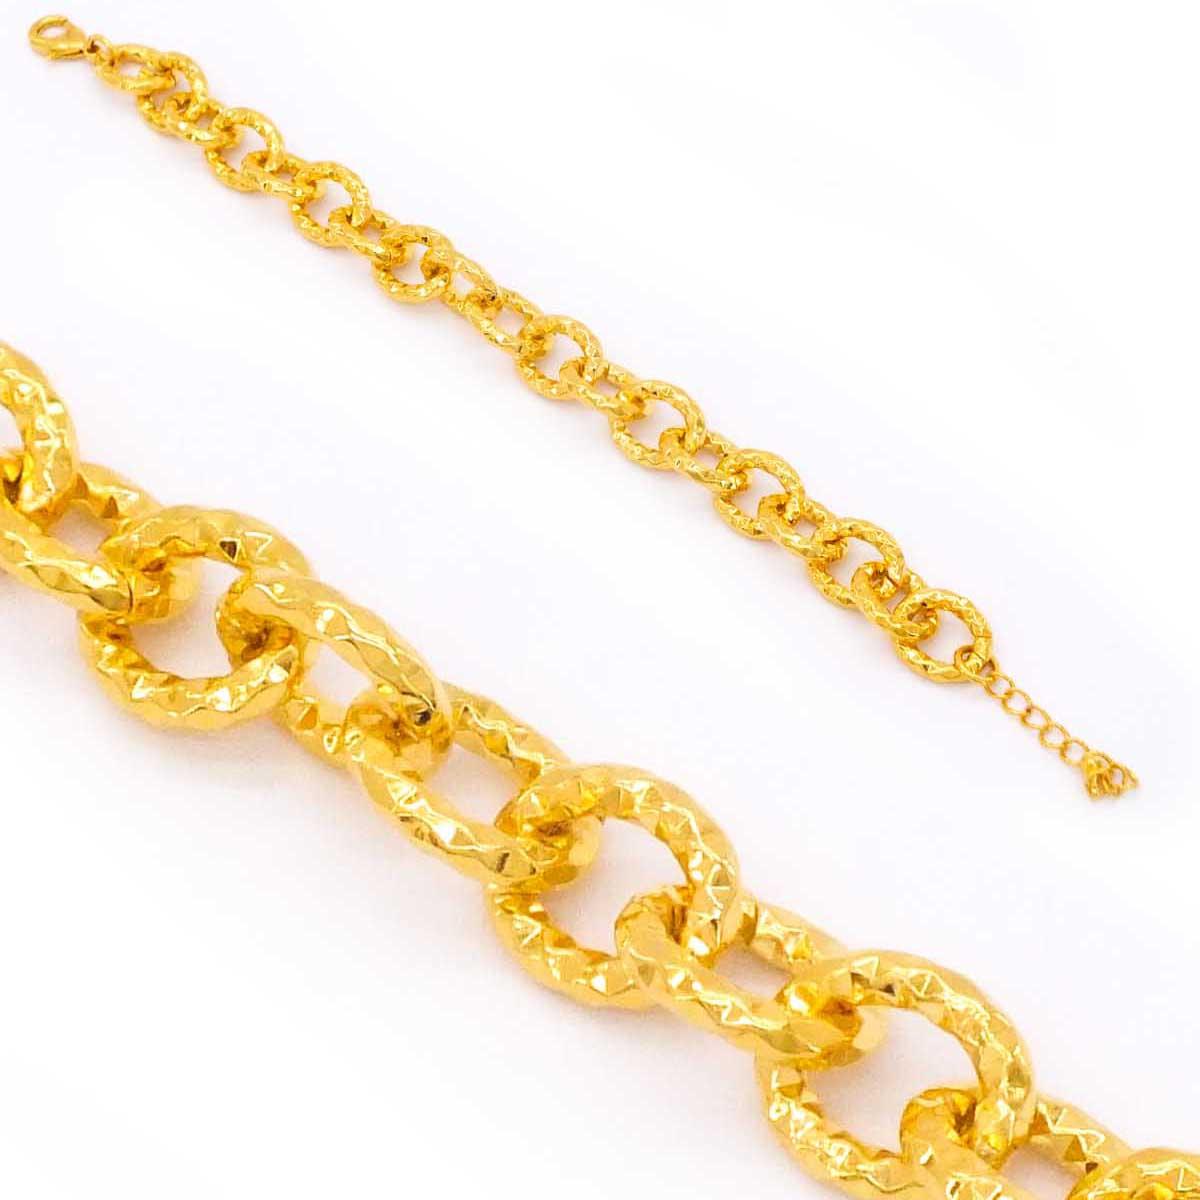 22 Ayar Altın Kaplama İşlemeli Kadın Zincir Bileklik 21cm-24cm Boy BLK-215